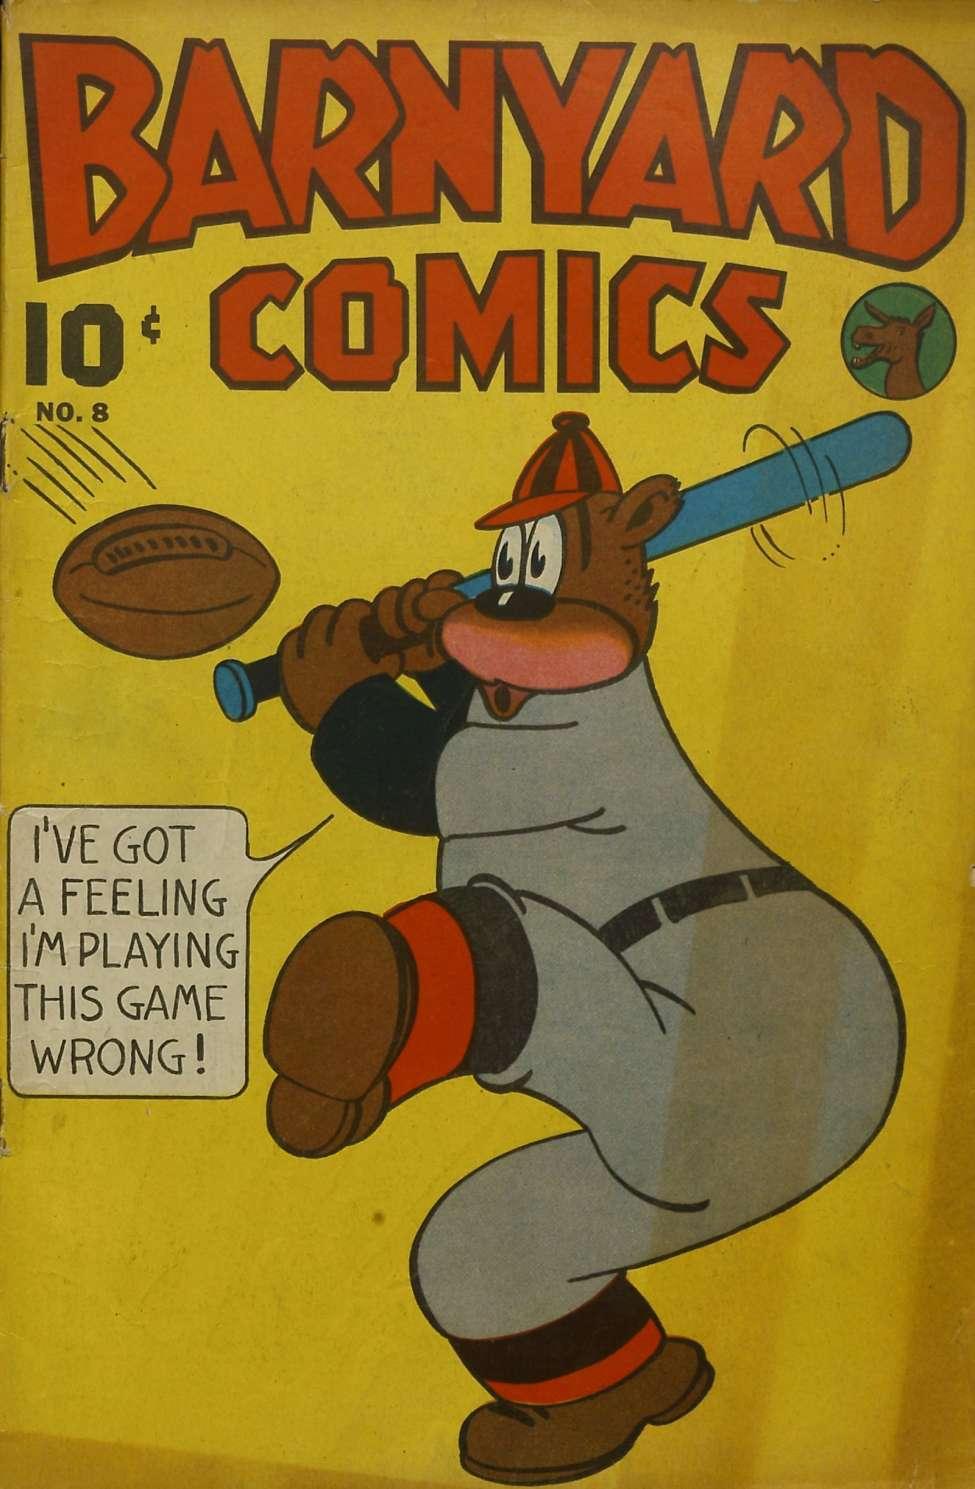 Comic Book Cover For Barnyard Comics #8